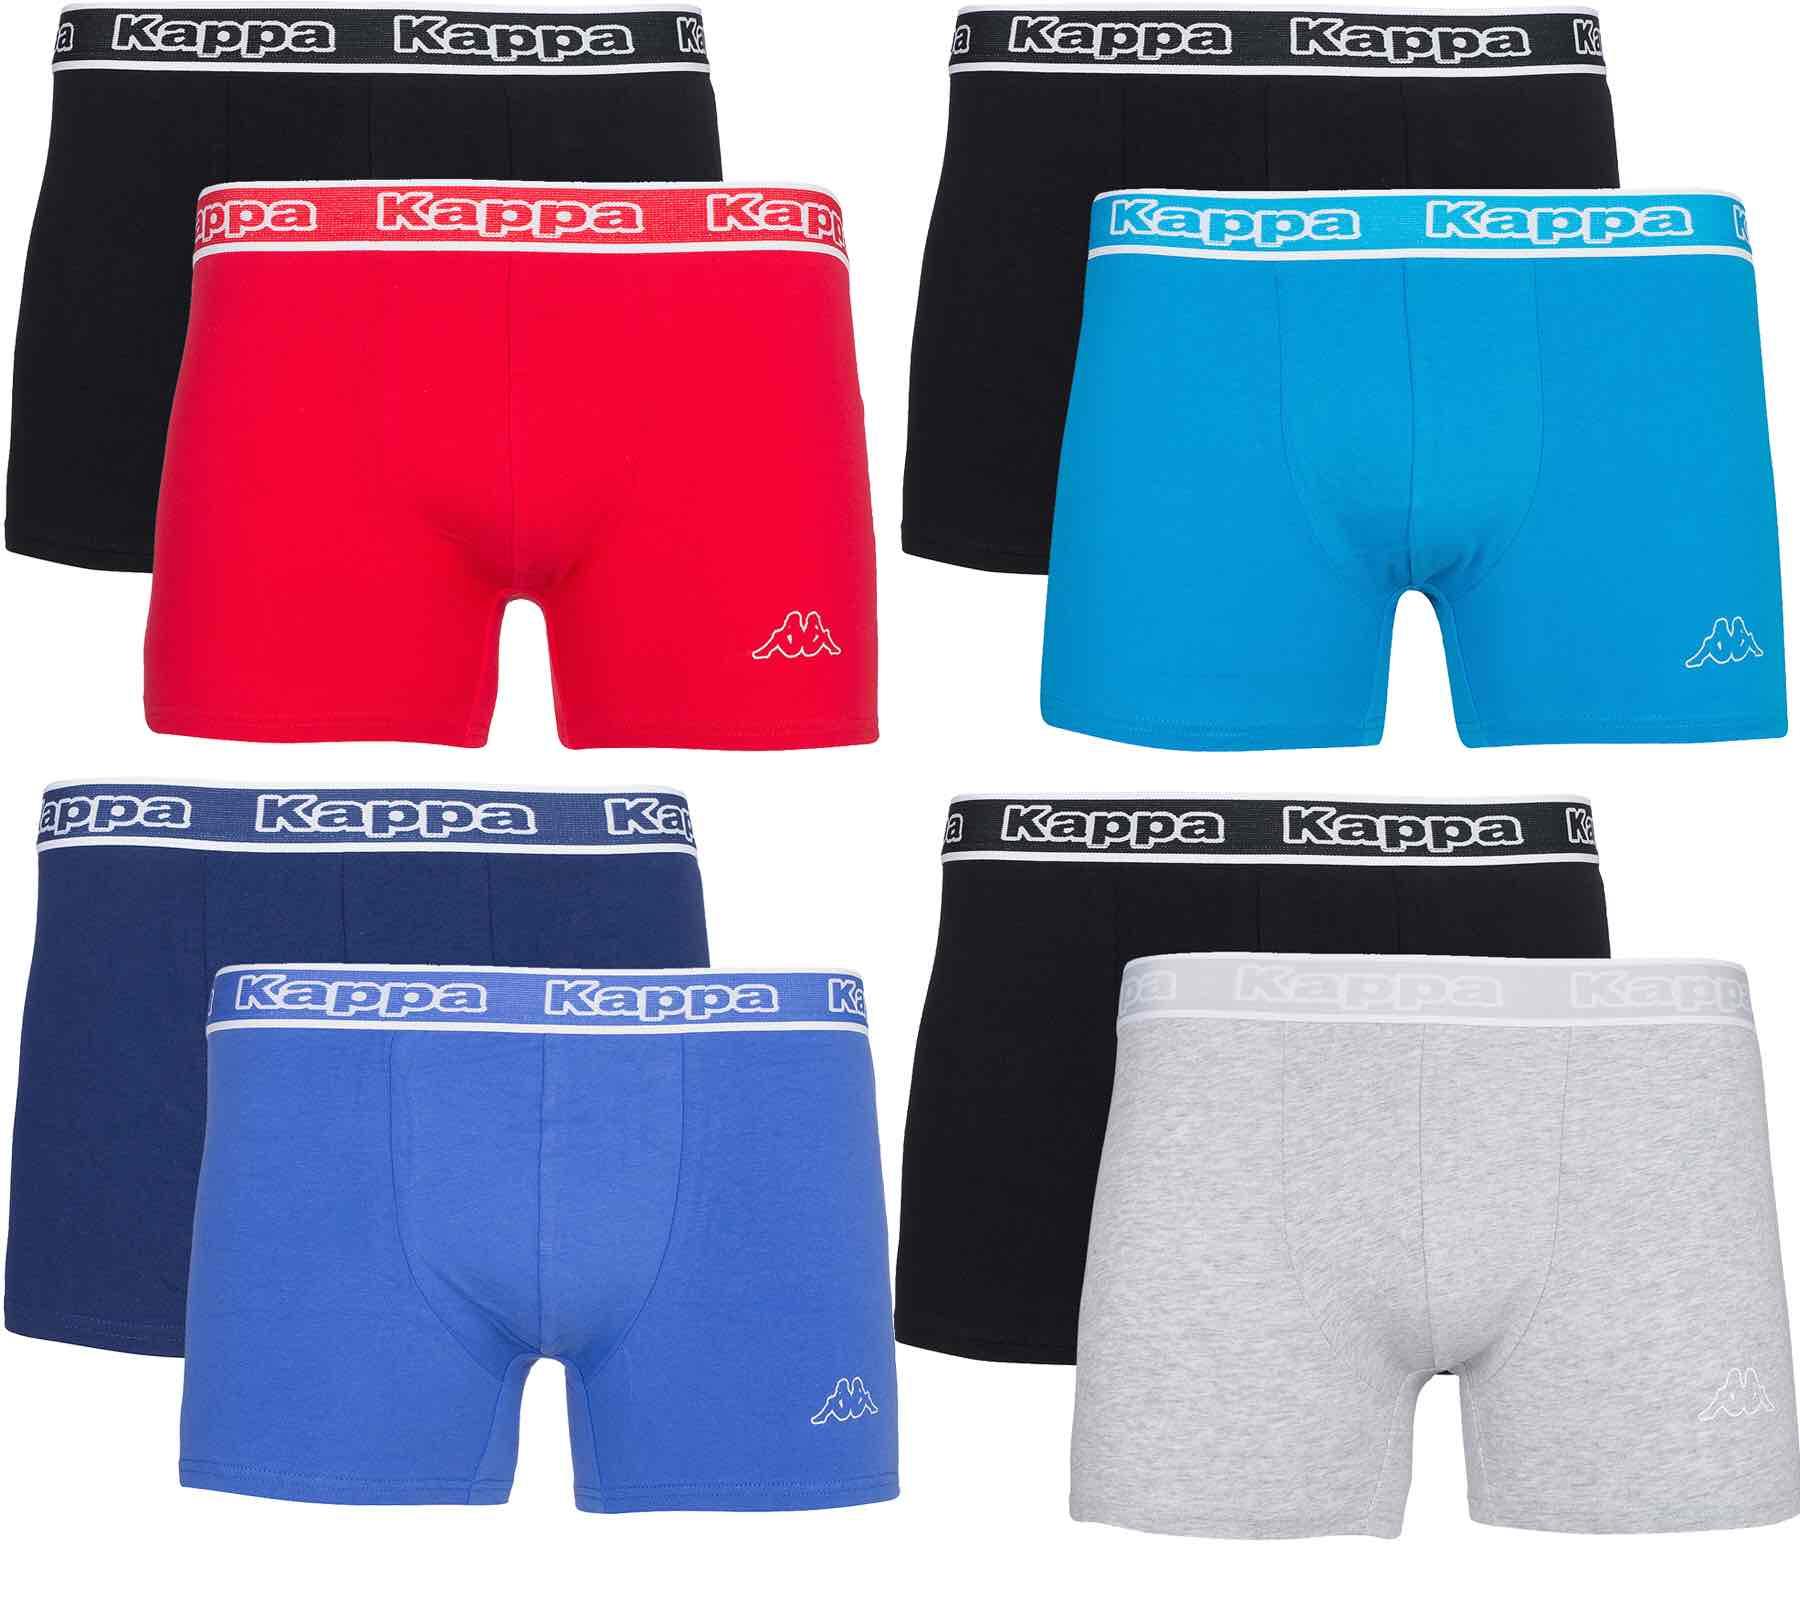 outlet46: 6er Pack Kappa Herren Boxershorts für 19,99€ inklusive Versand